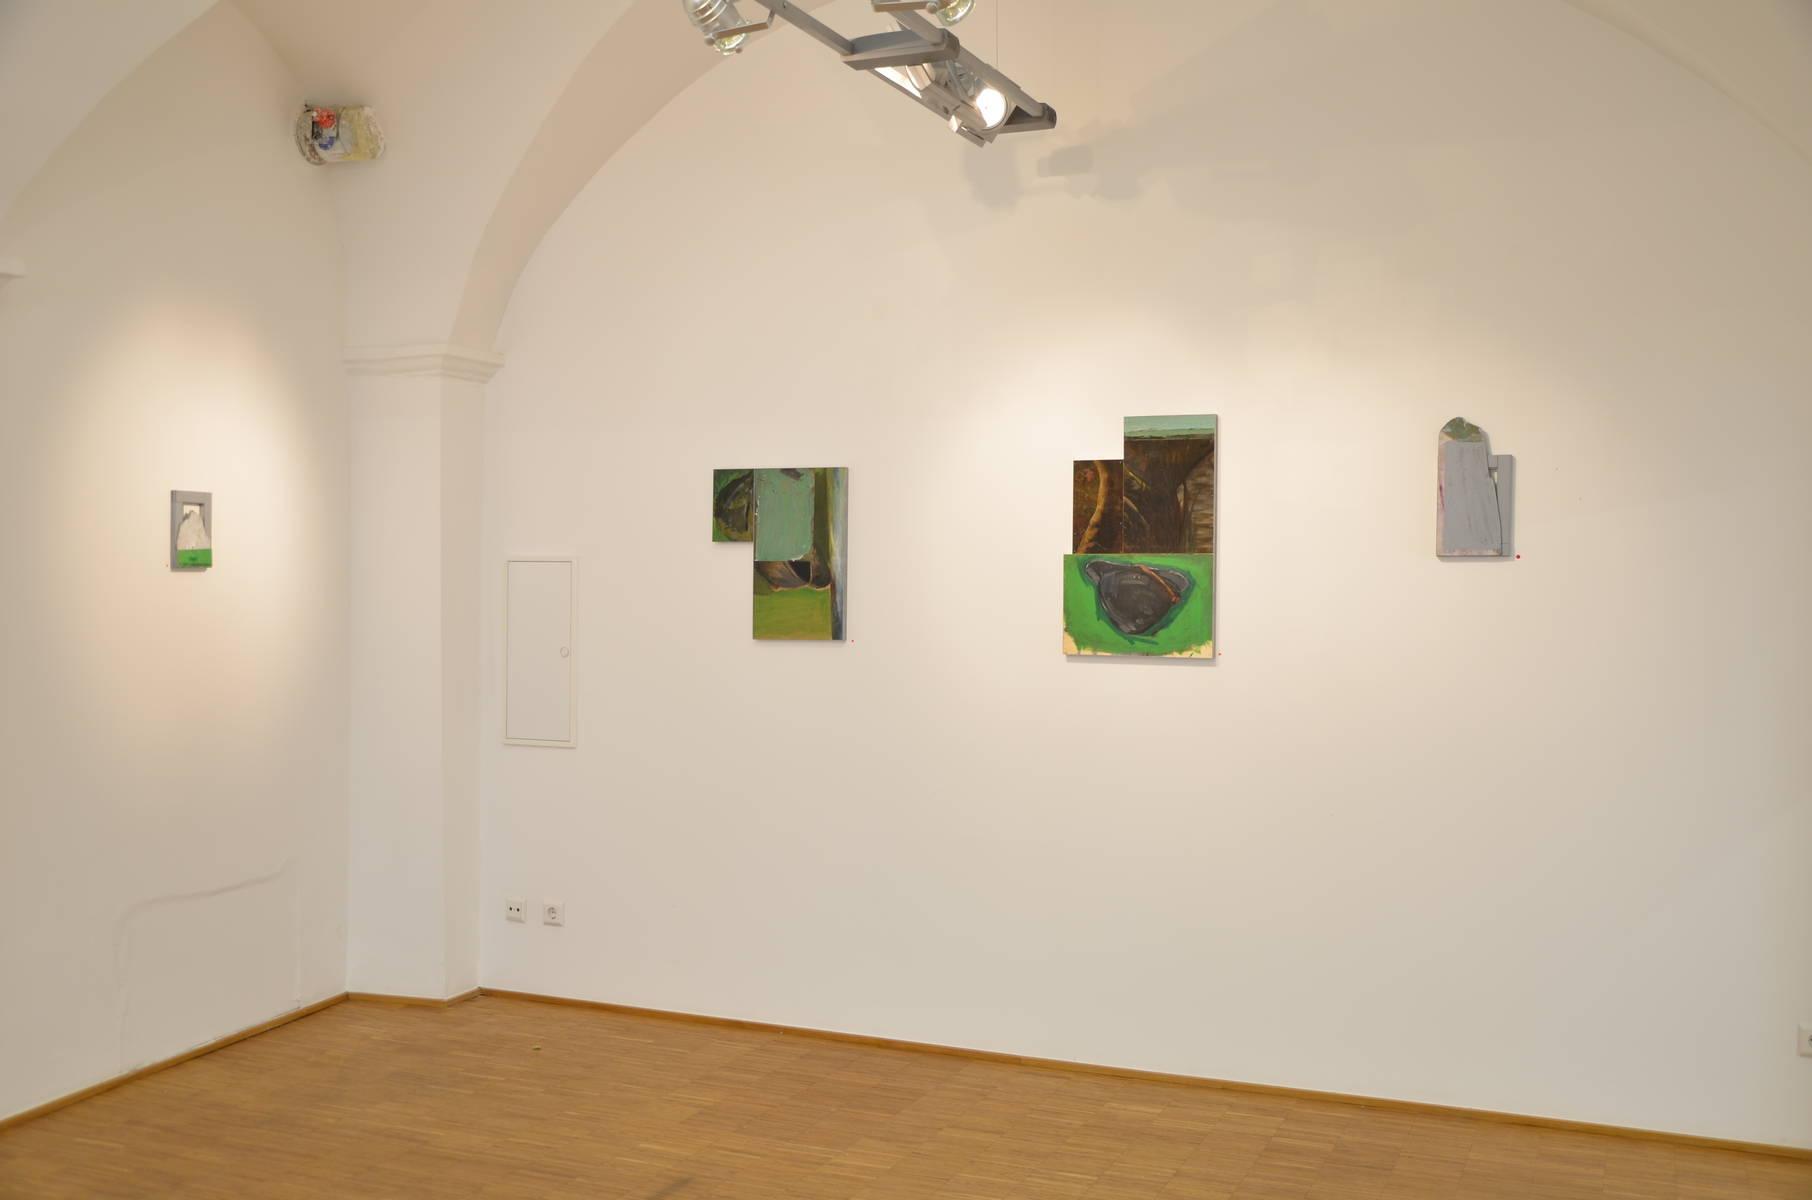 1_Pierre Buraglio 2012 luxembourg 126